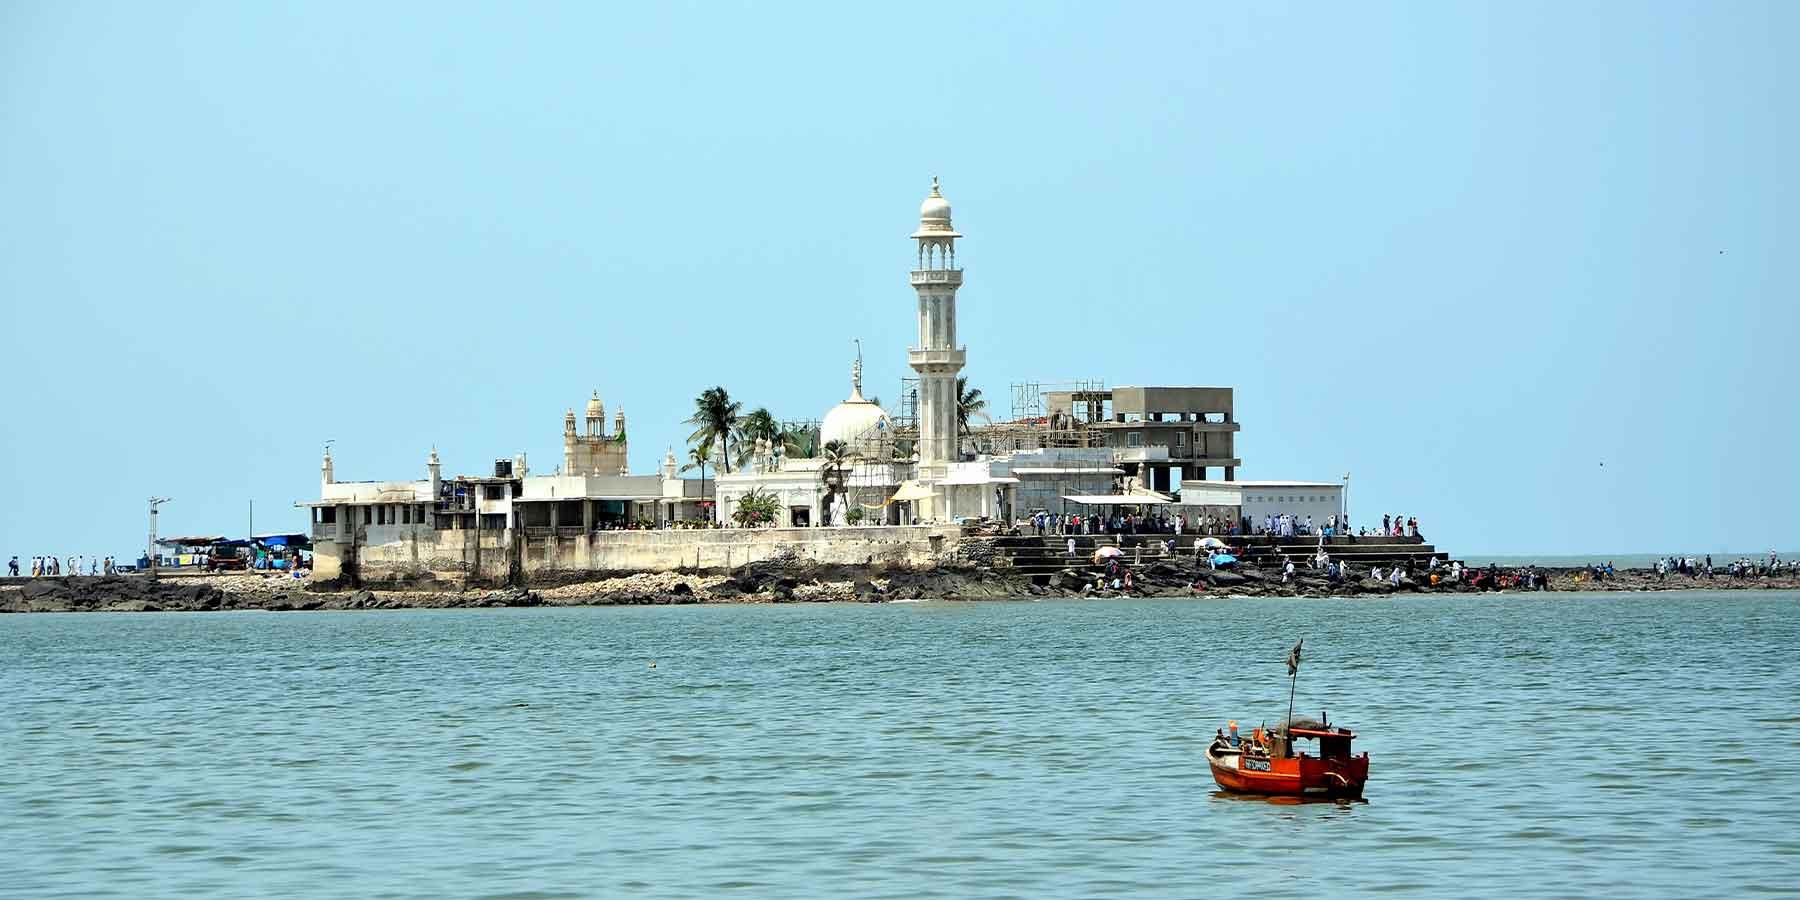 Haji ali mumbai